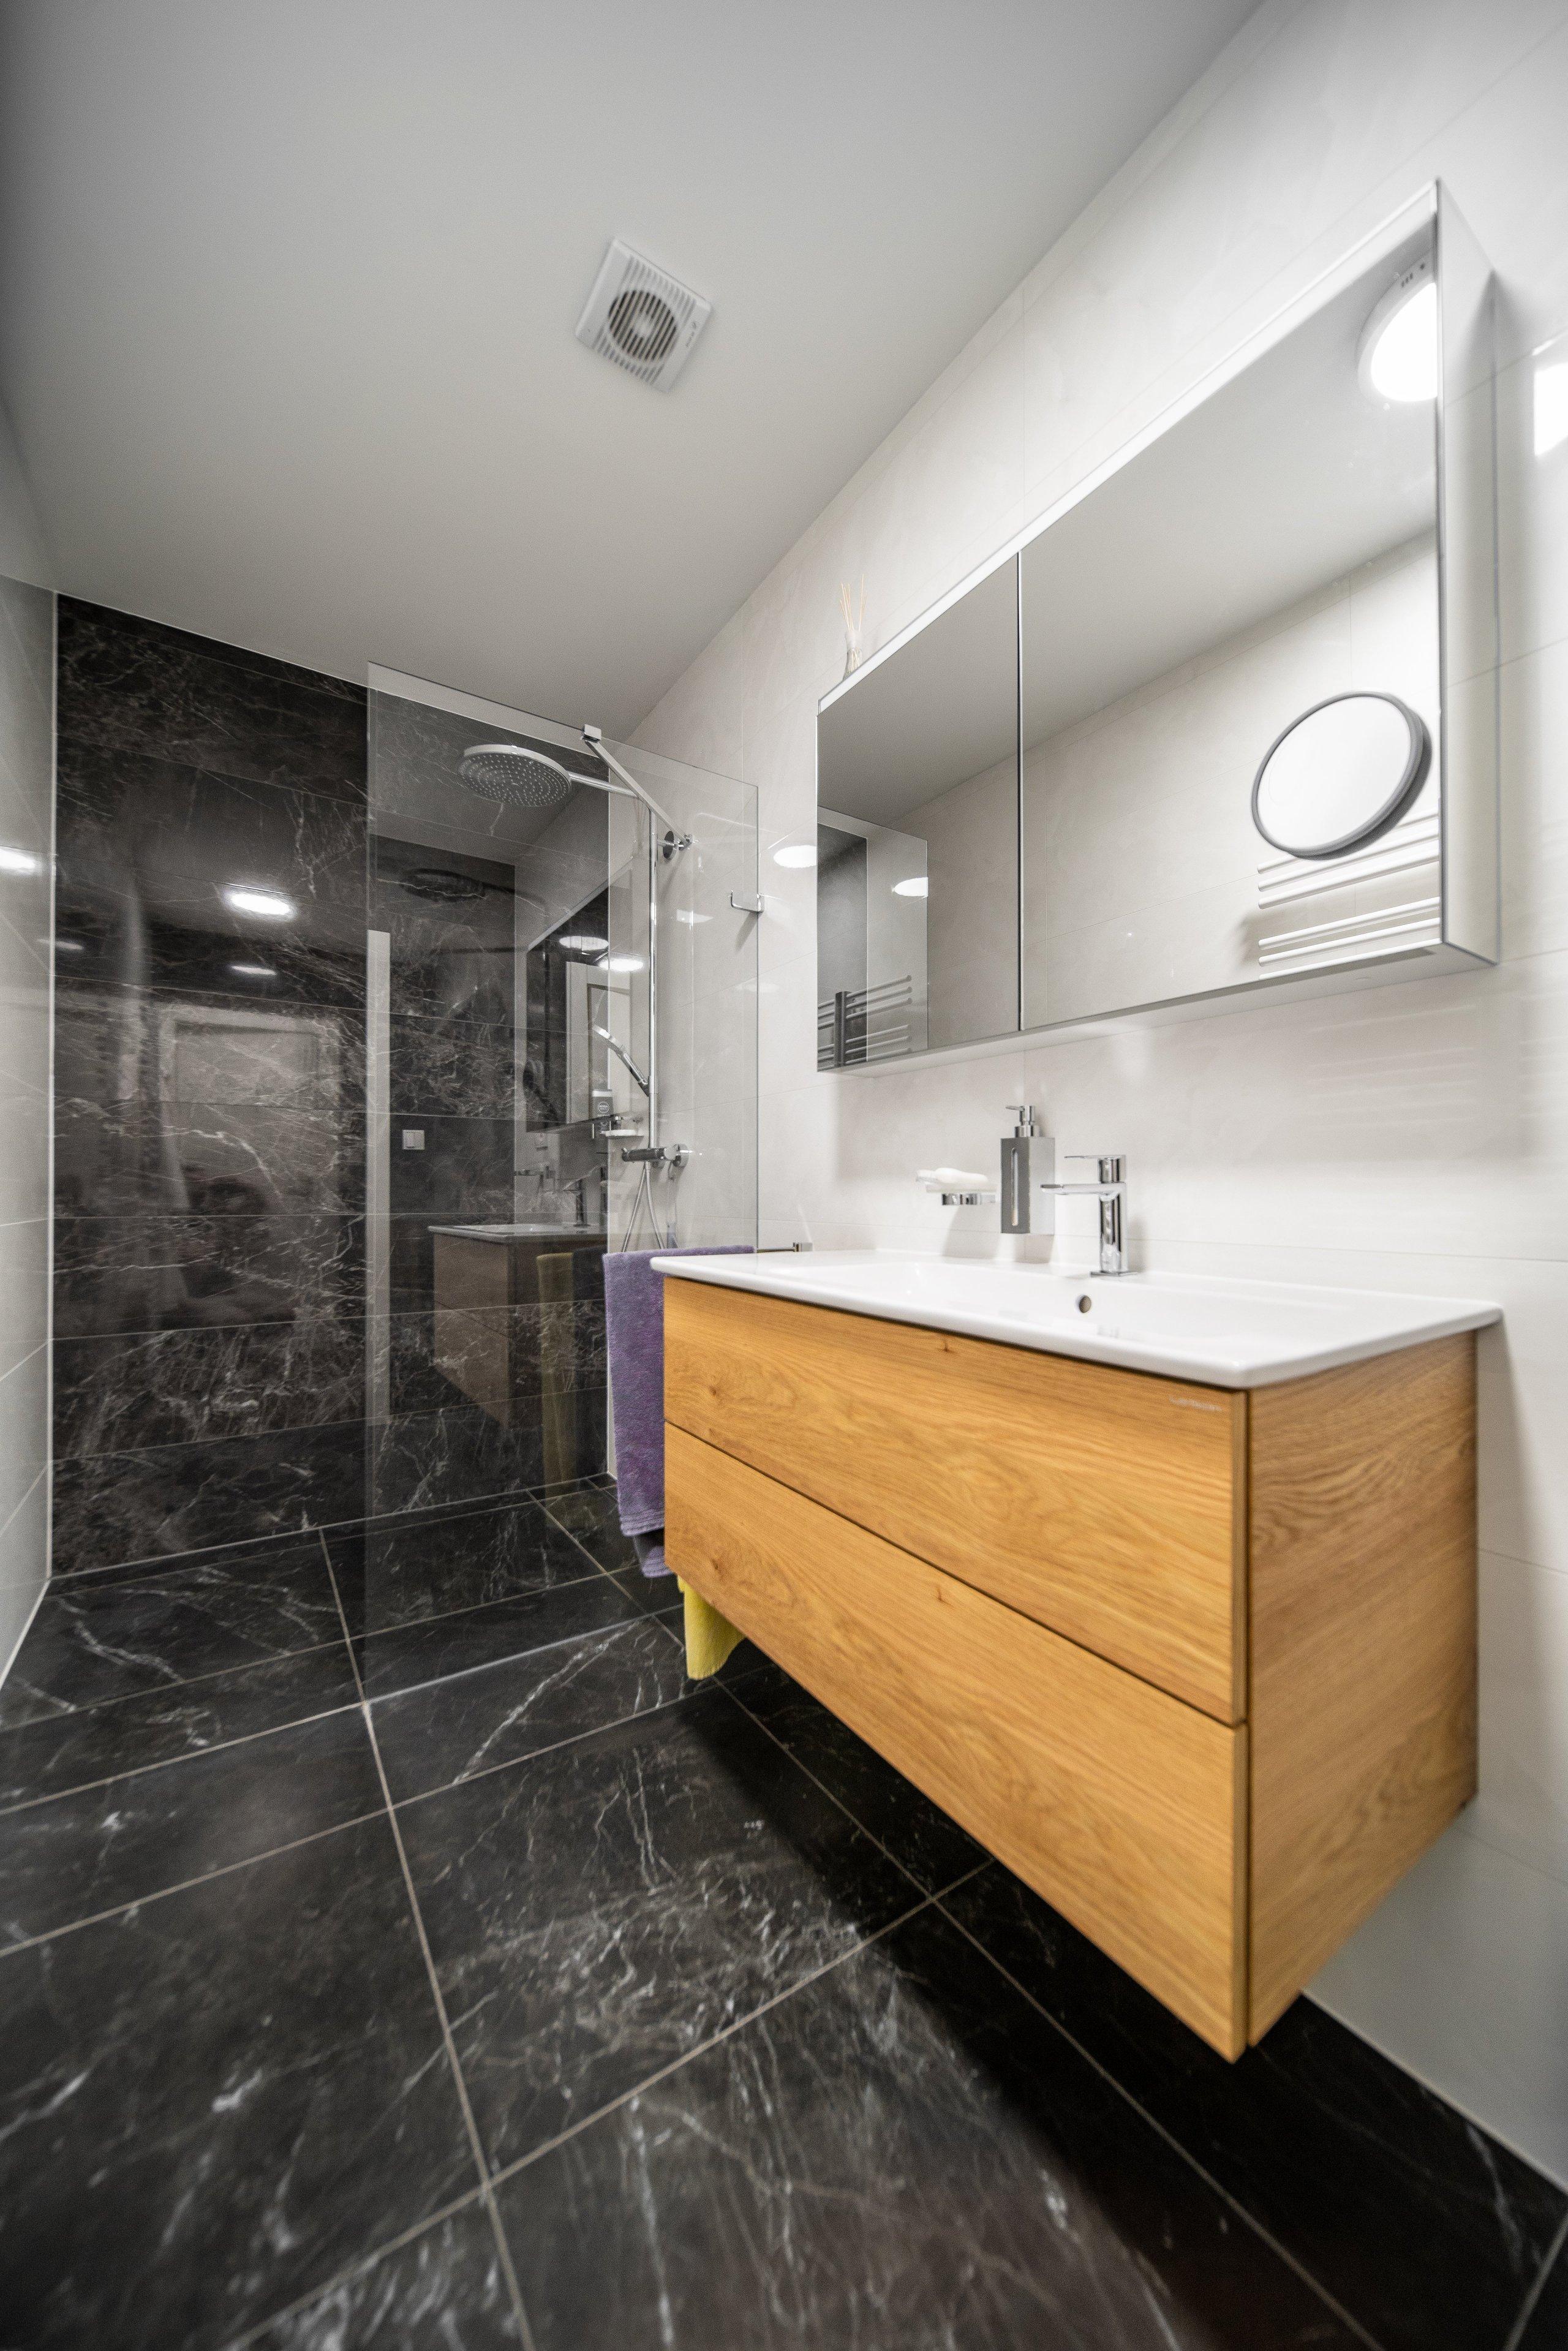 Moderní byt pro manželský pár, který miluje umění. Bytem se prolíná kontrast bílé a antracitu s doplňujícím dubem a betonovými prvky.